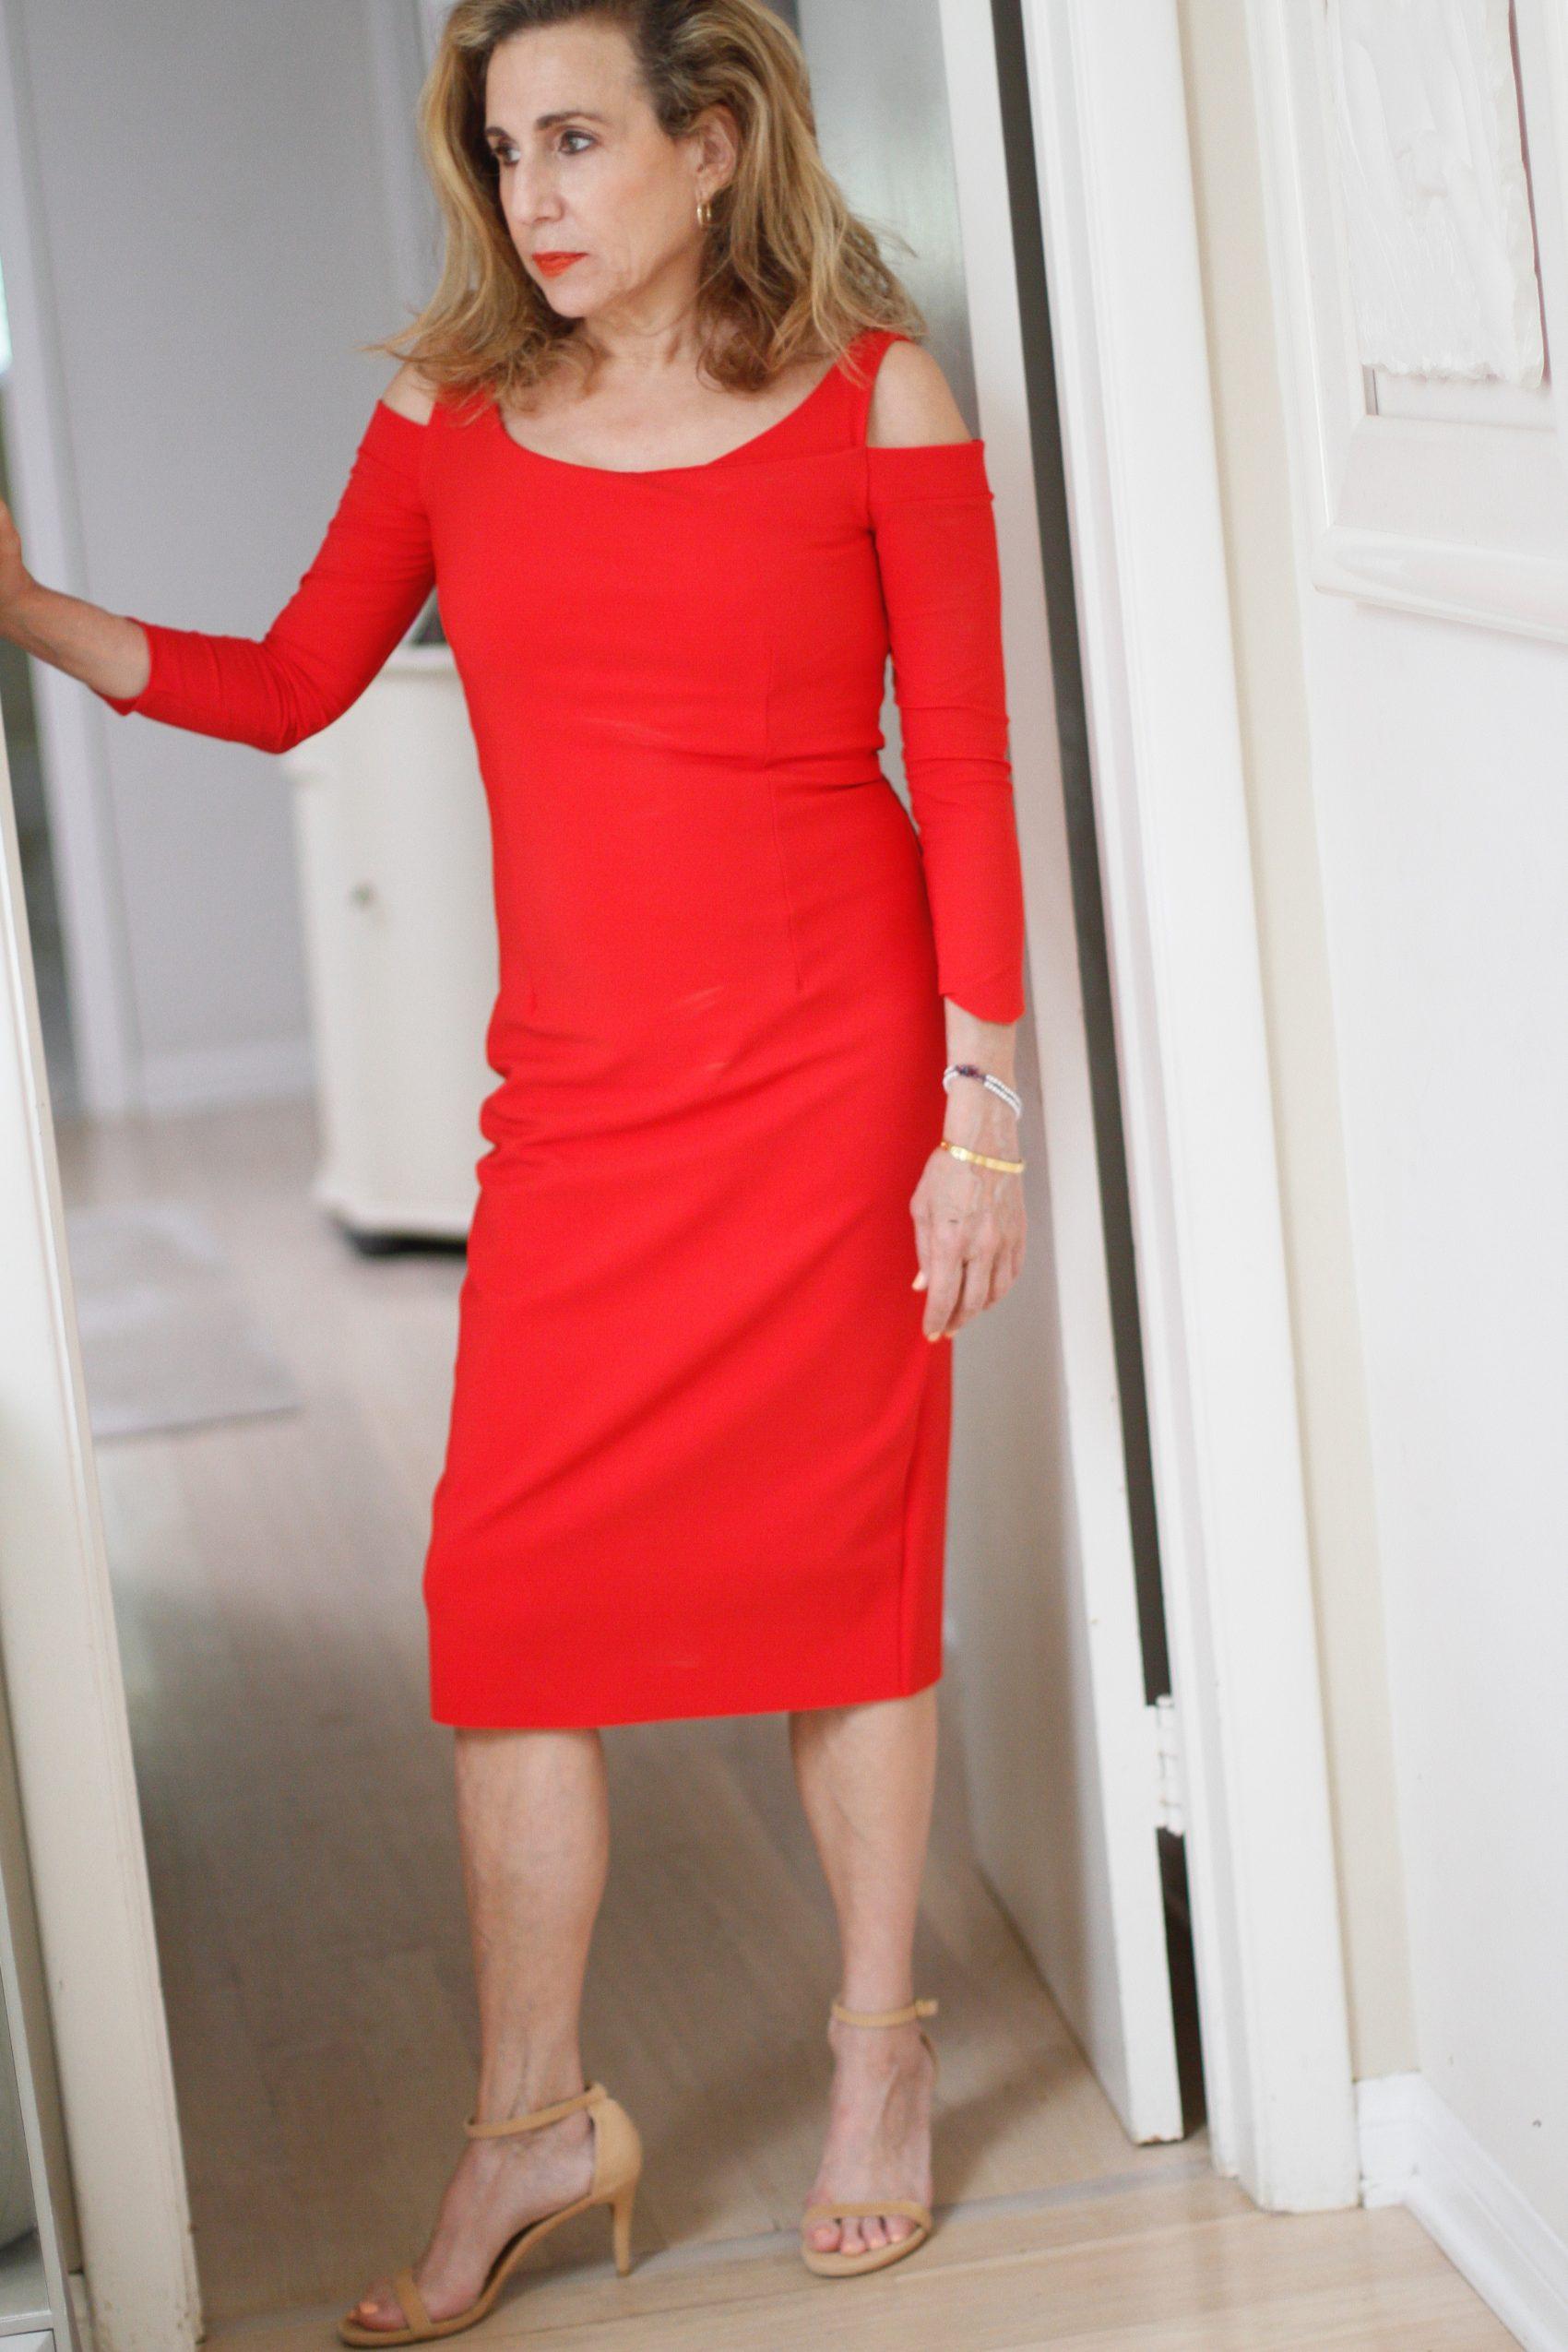 red dressss